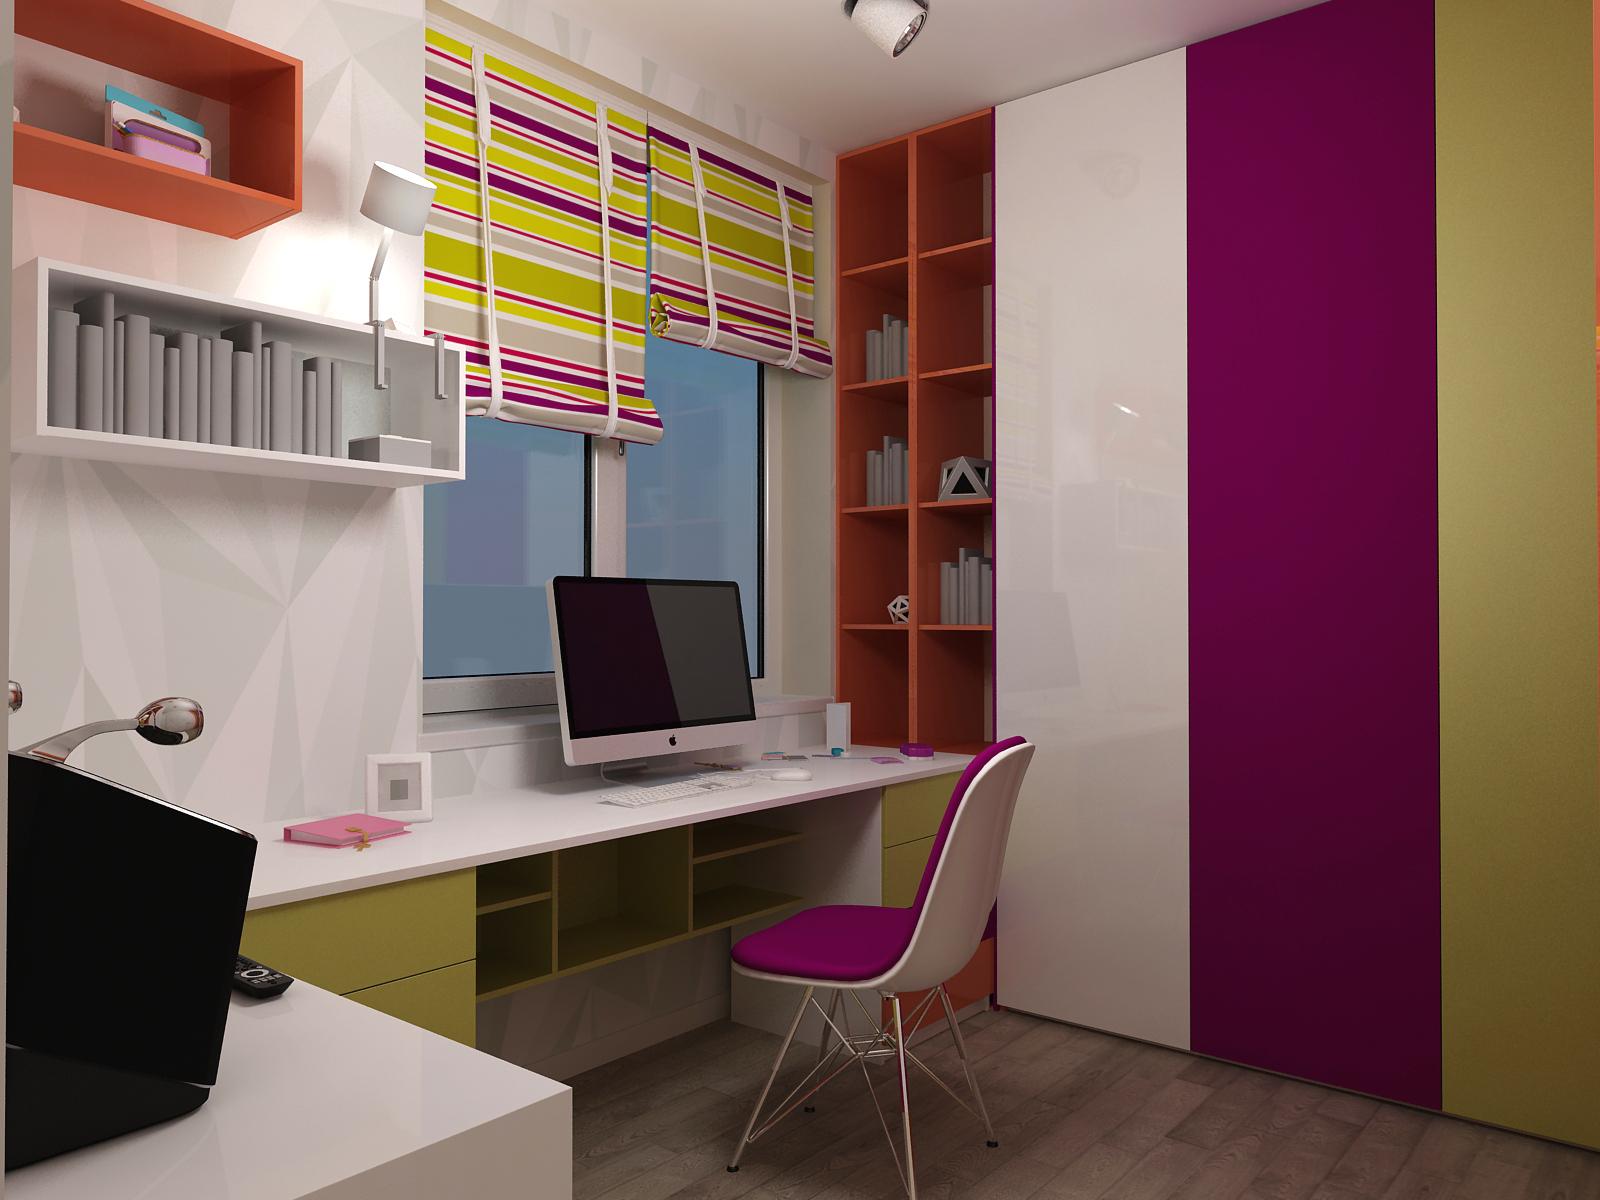 Как стильно оформить рабочее место дома - фото №2